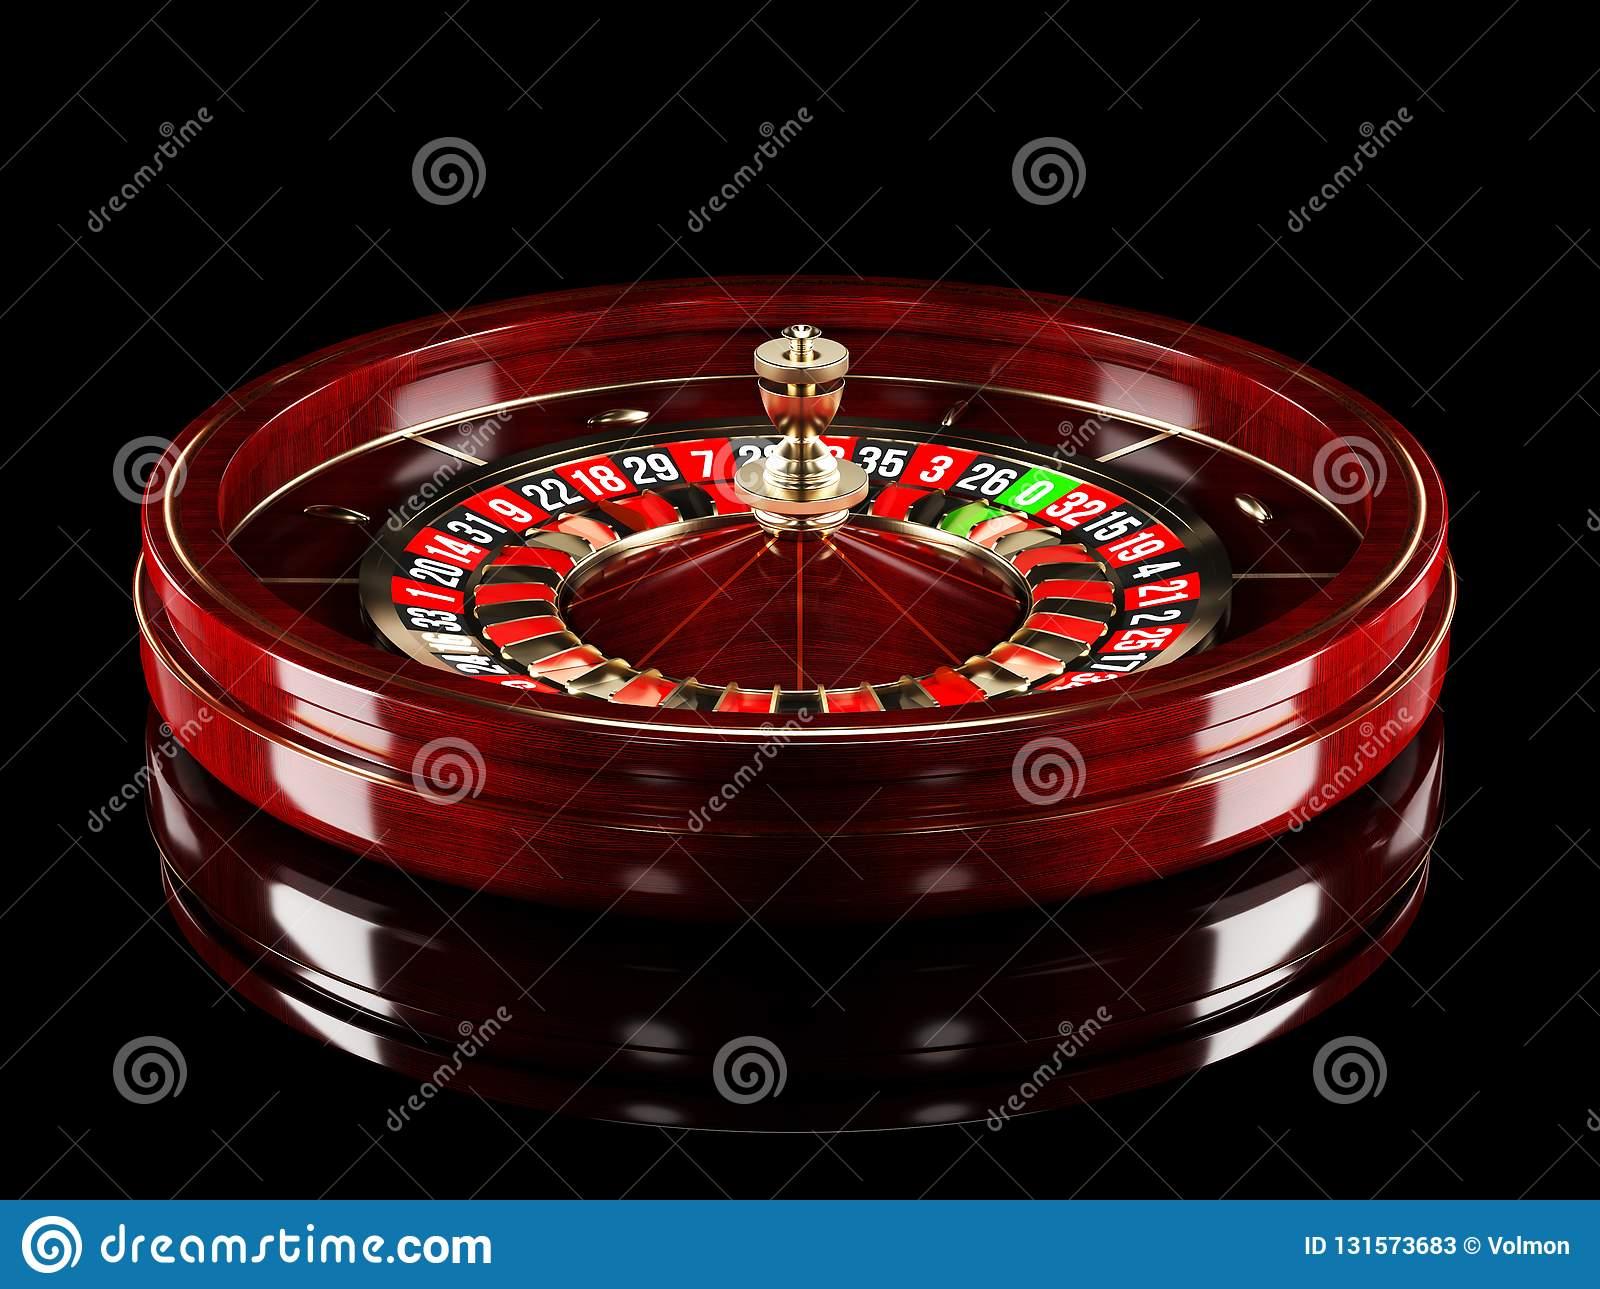 Вулкан казино со 100 рублей выйграть в игровые автоматы